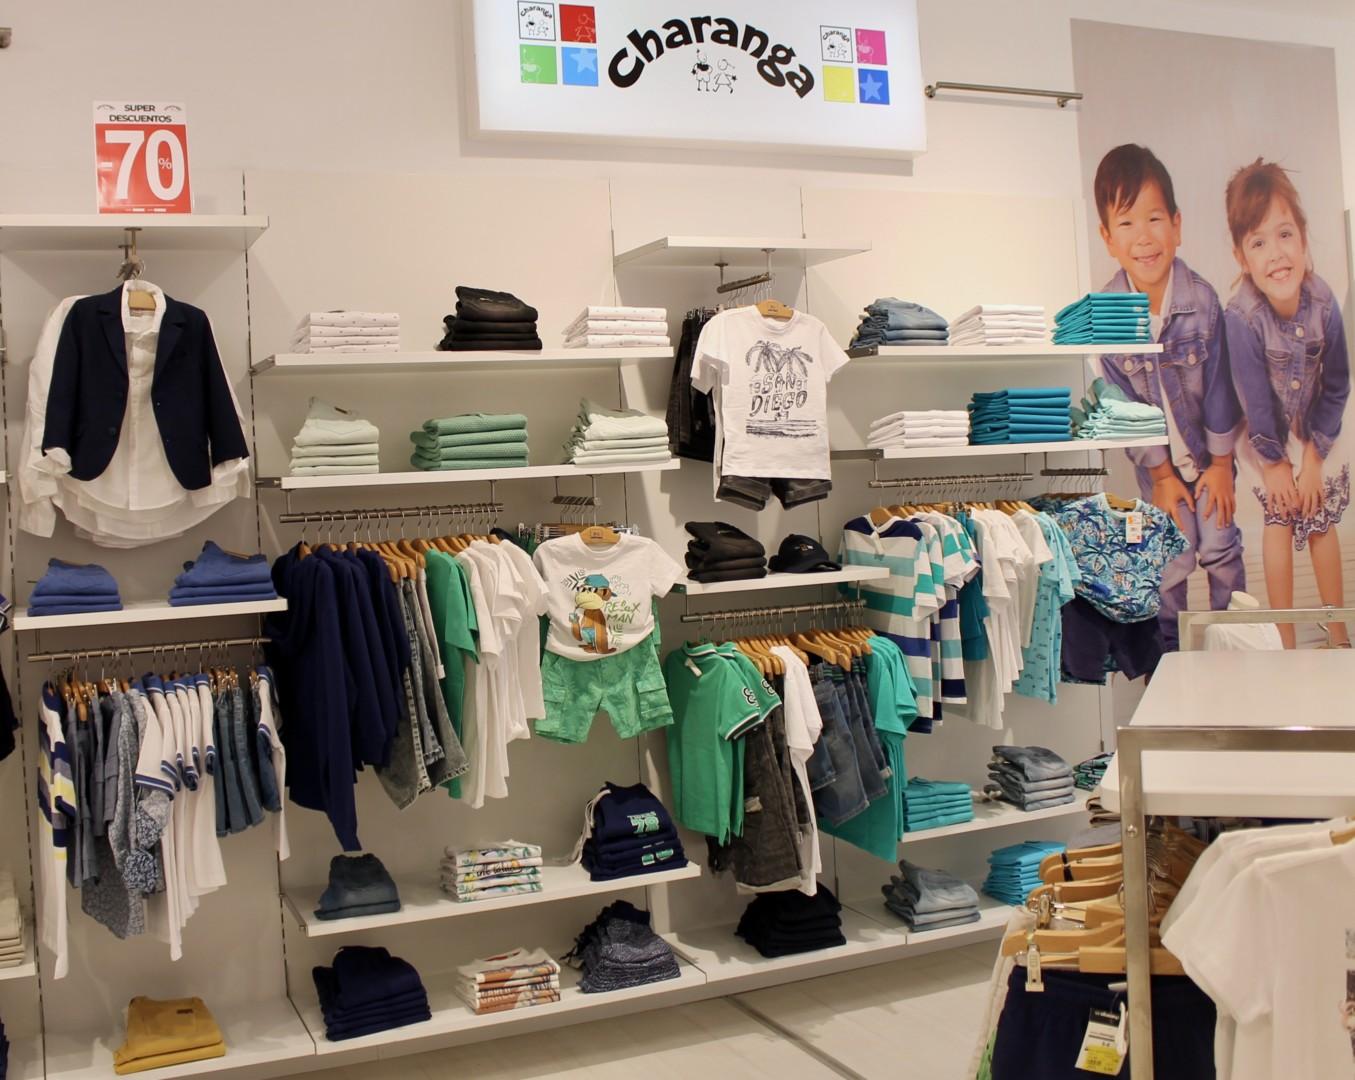 La Noria Outlet de moda infantil con Charanga